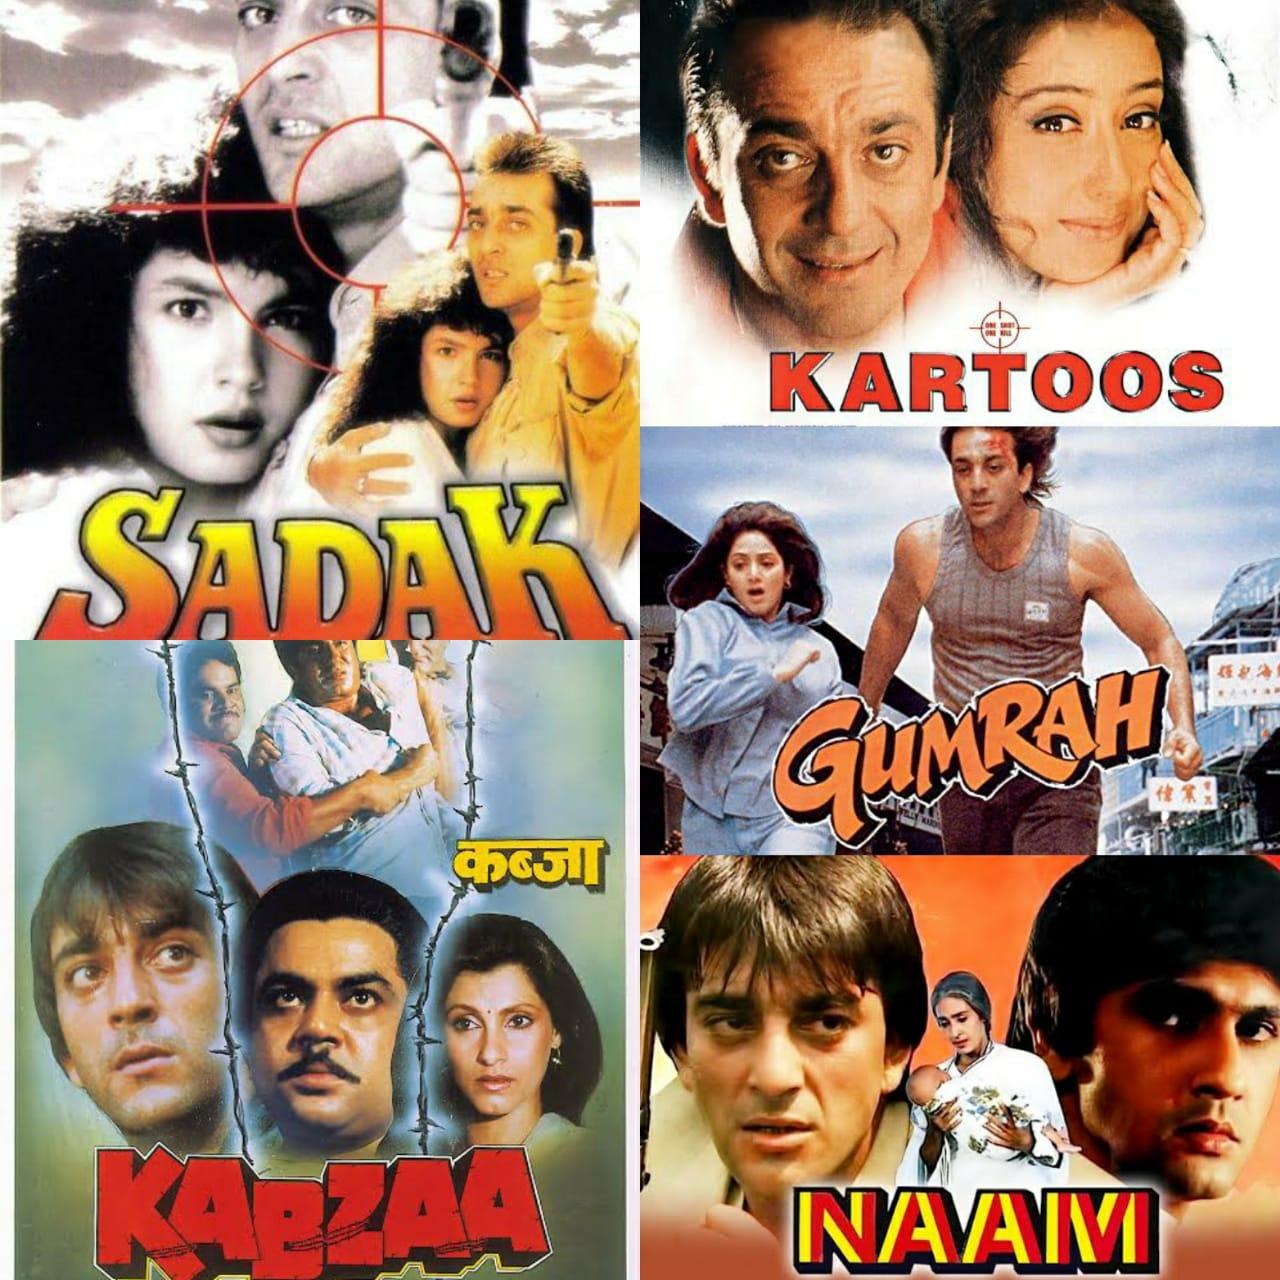 anjay-Dutt films